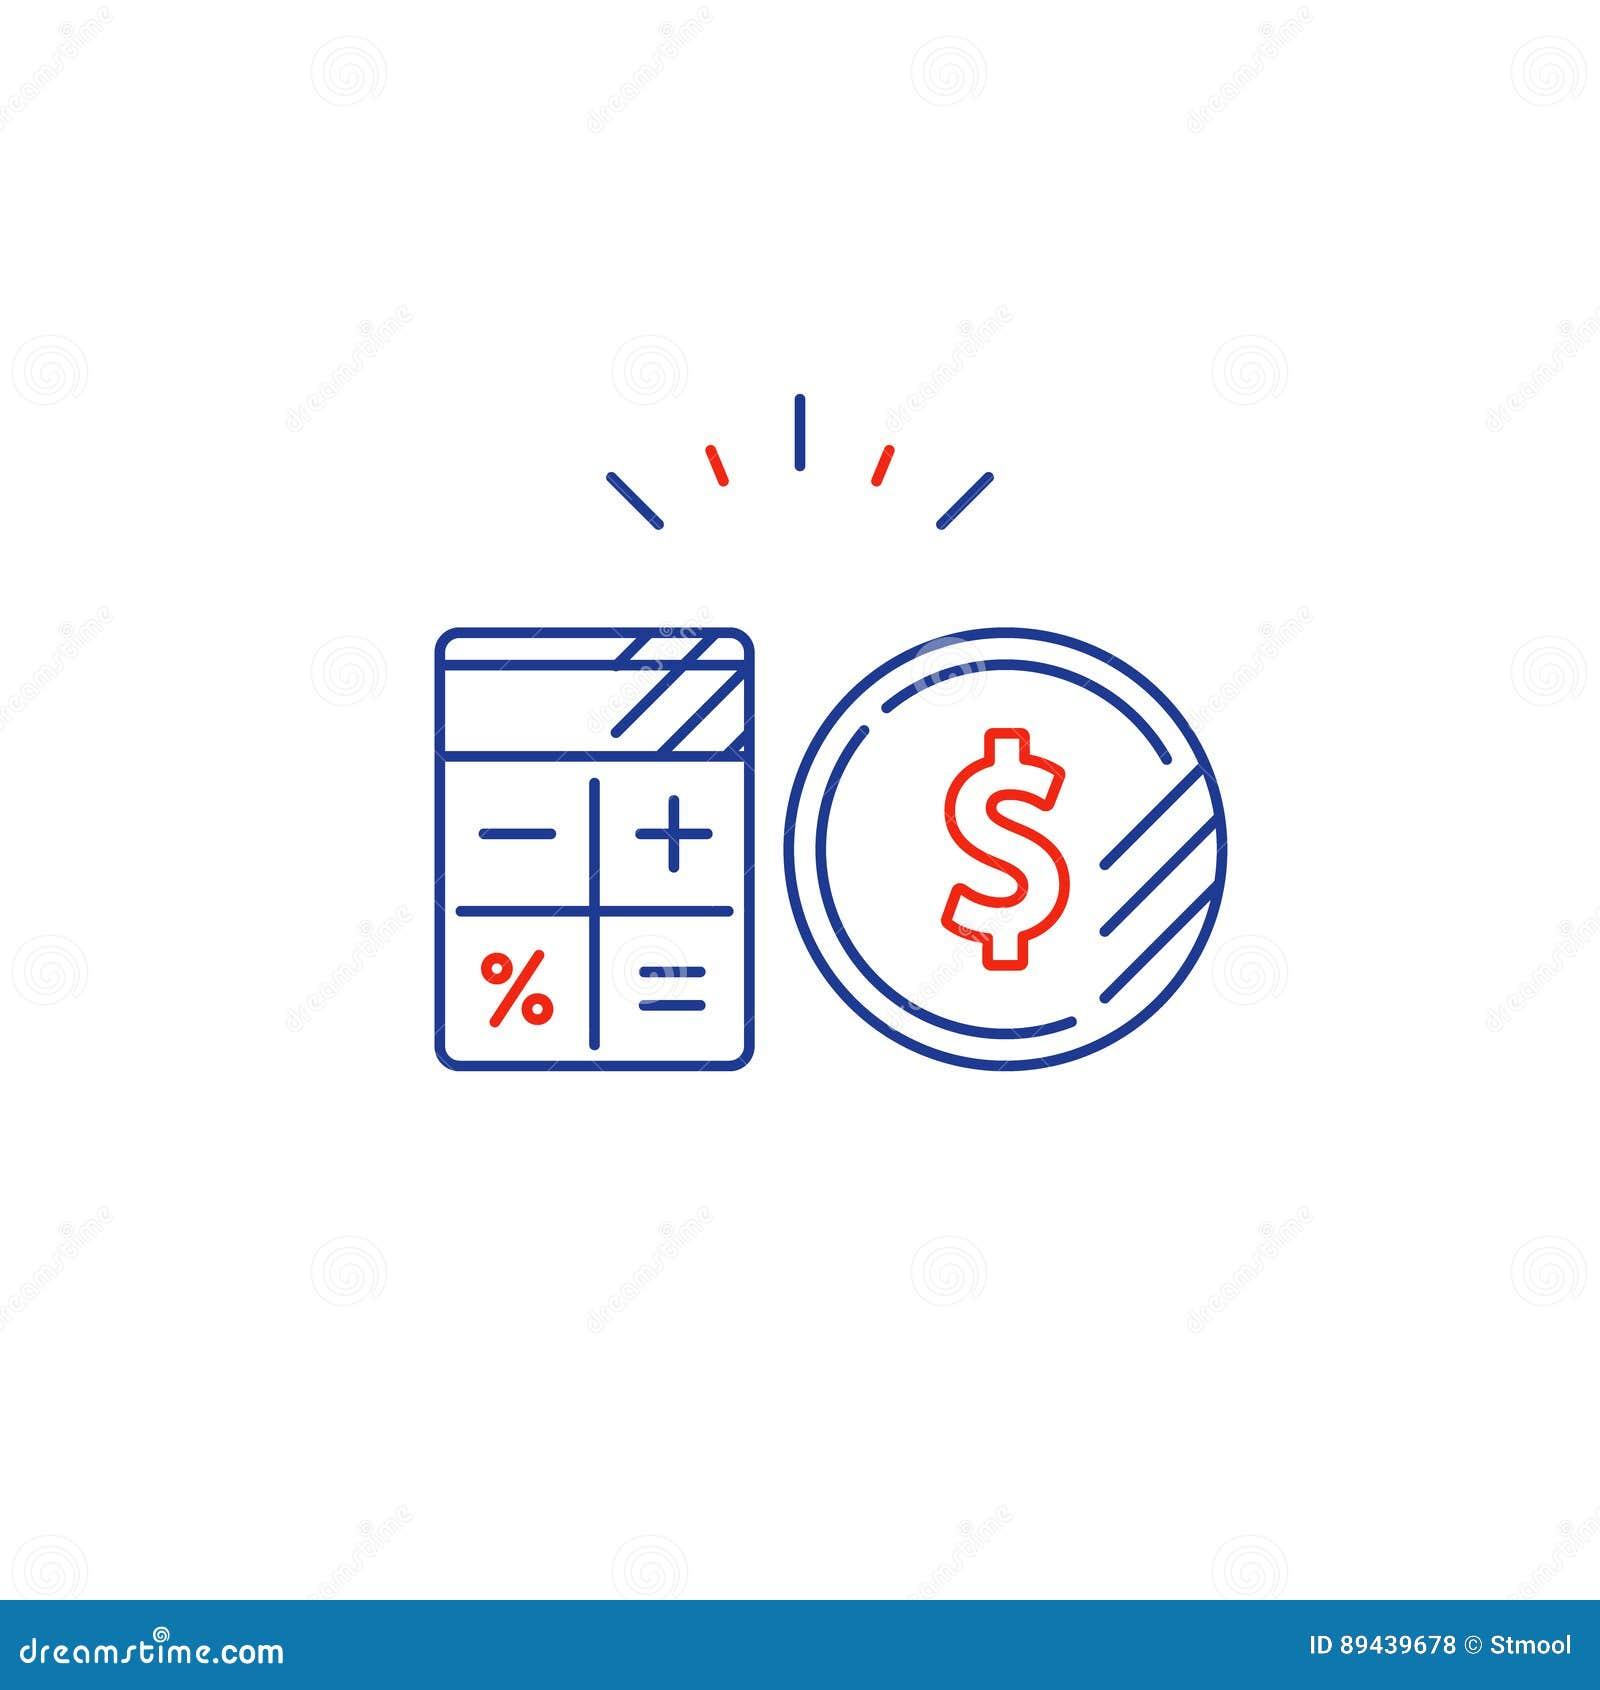 Tools and calculators